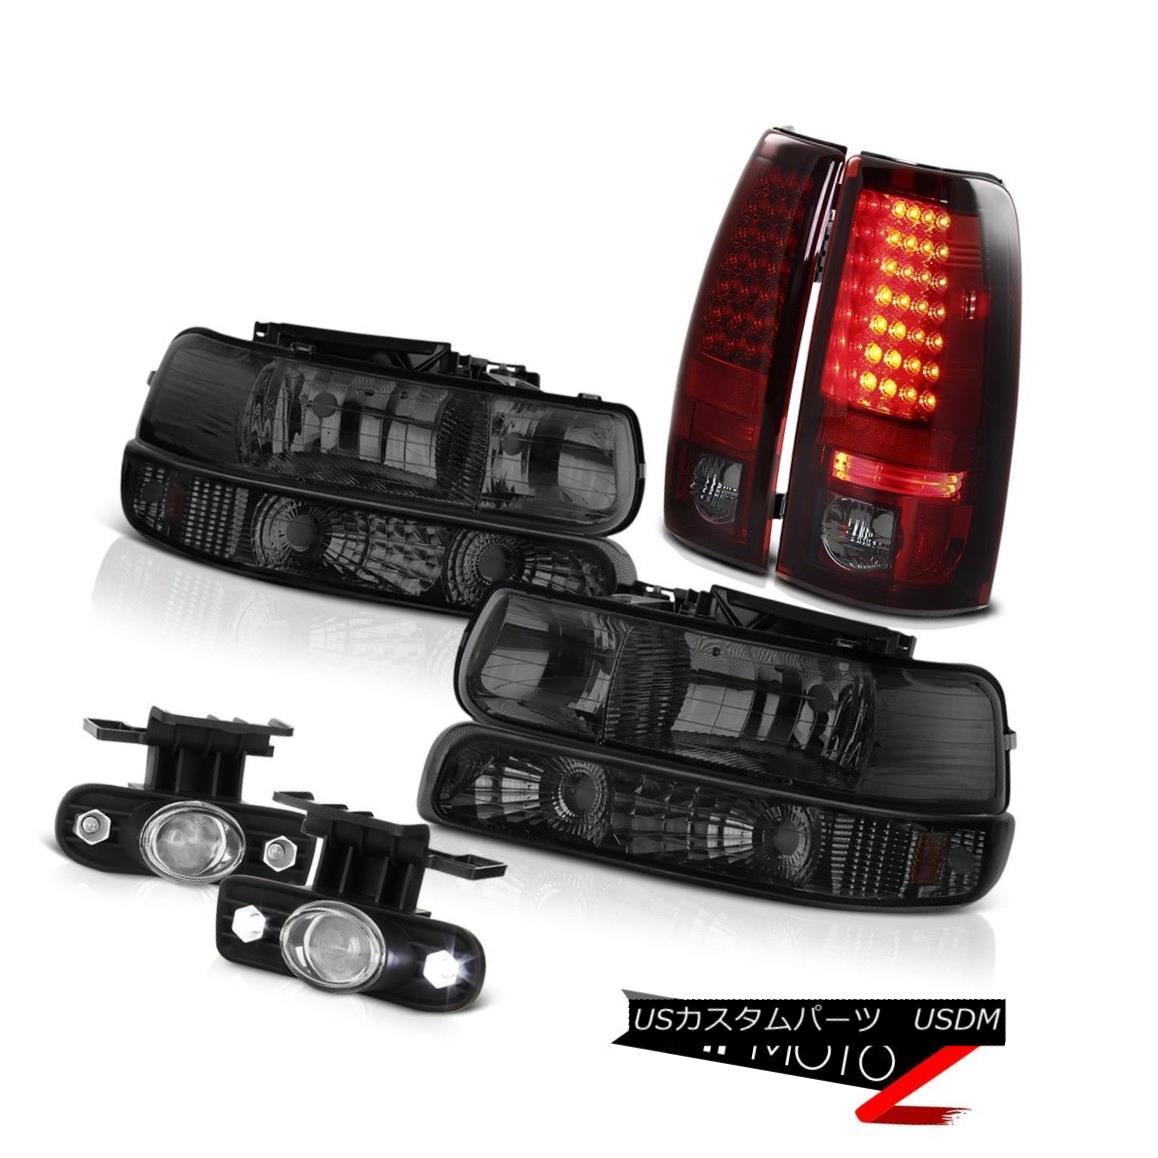 ヘッドライト Smoke Bumper Headlamp LED Tail Lights Projector Foglights 99 00 01 02 Silverado スモークバンパーヘッドランプLEDテールライトプロジェクターフォグライト99 00 01 02シルバラード